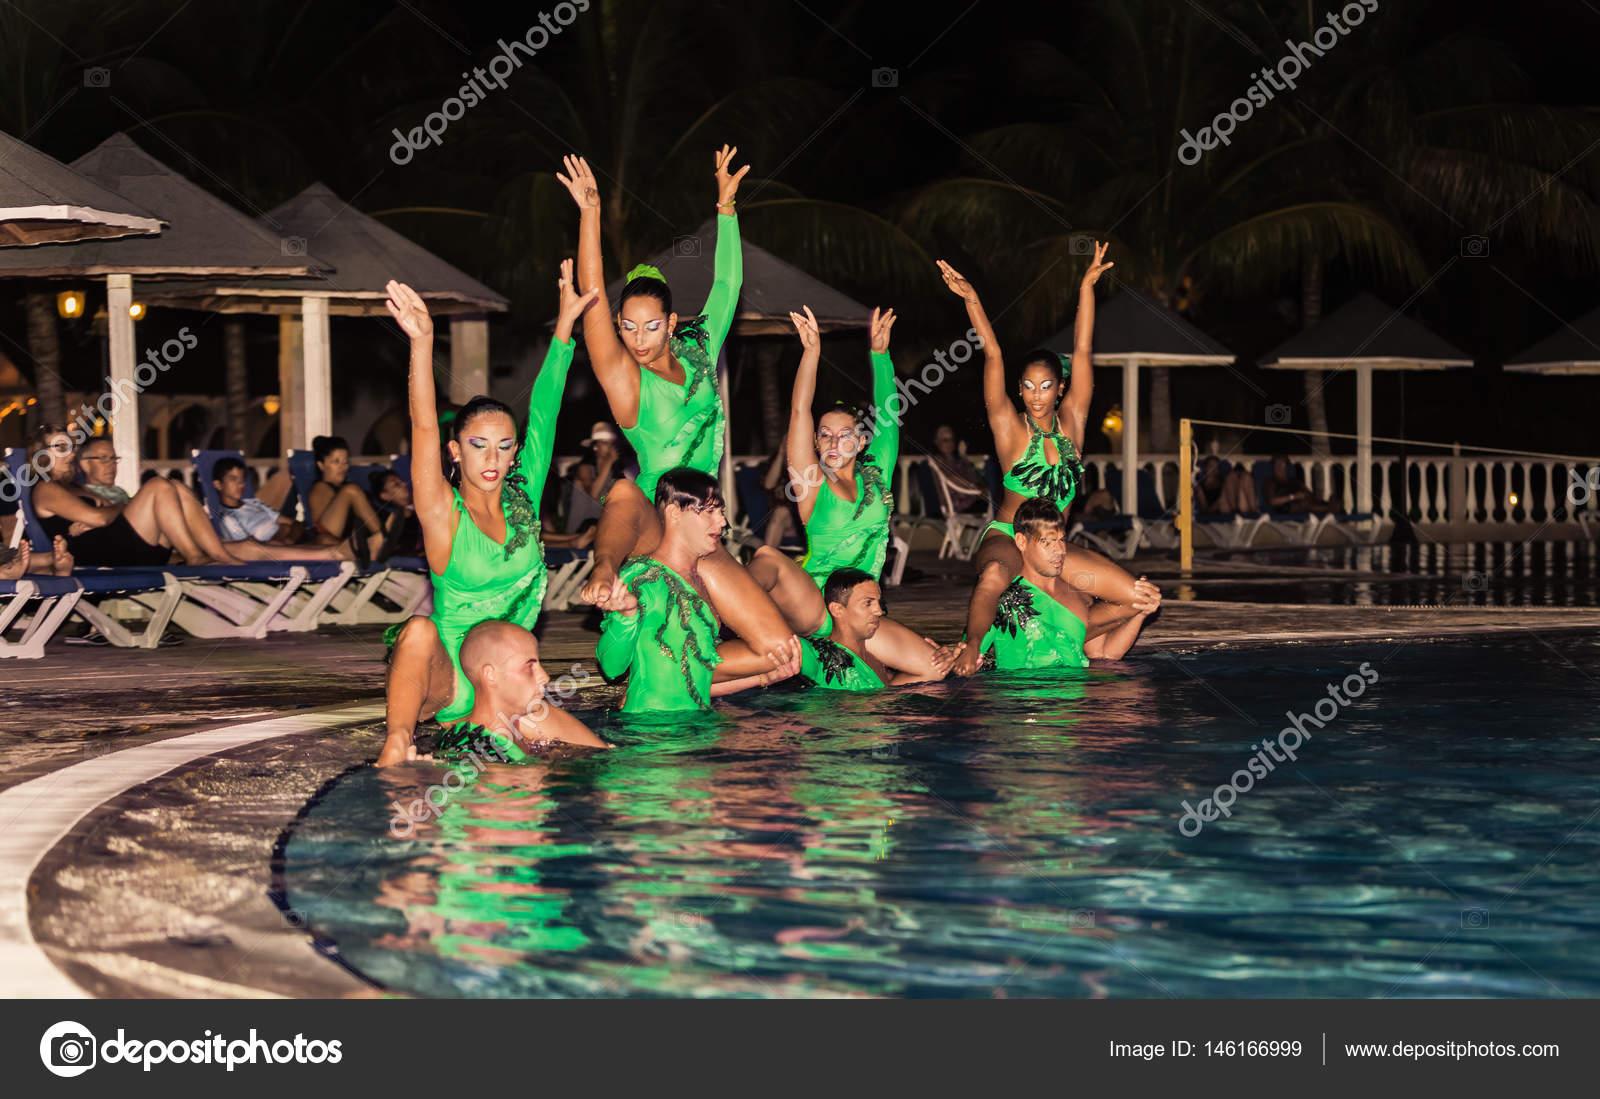 Hire Water Bowl Gymnast   Hand Balancing Act  Aerial